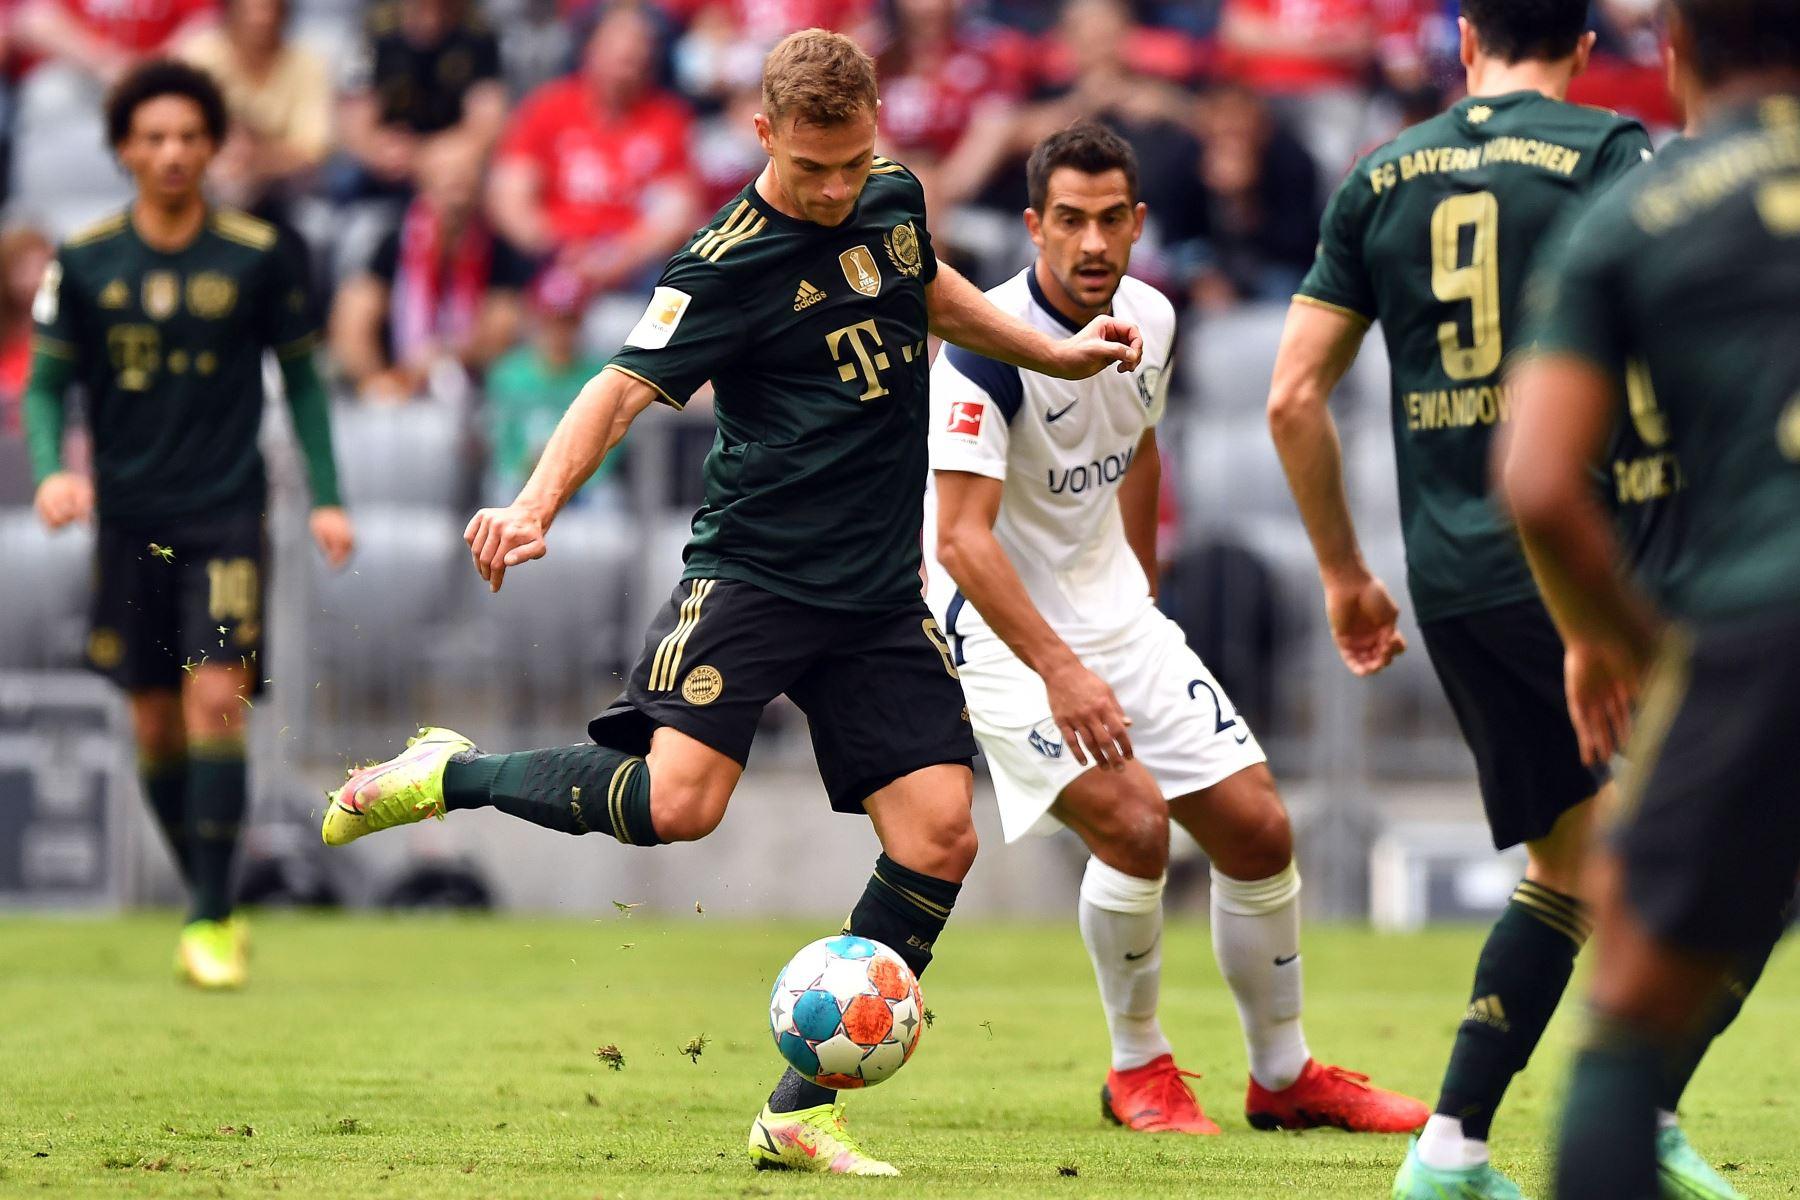 Joshua Kimmich del Bayern Múnich marca el 2-0 en el partido ante el Bochum por la Bundesliga. Foto. EFE